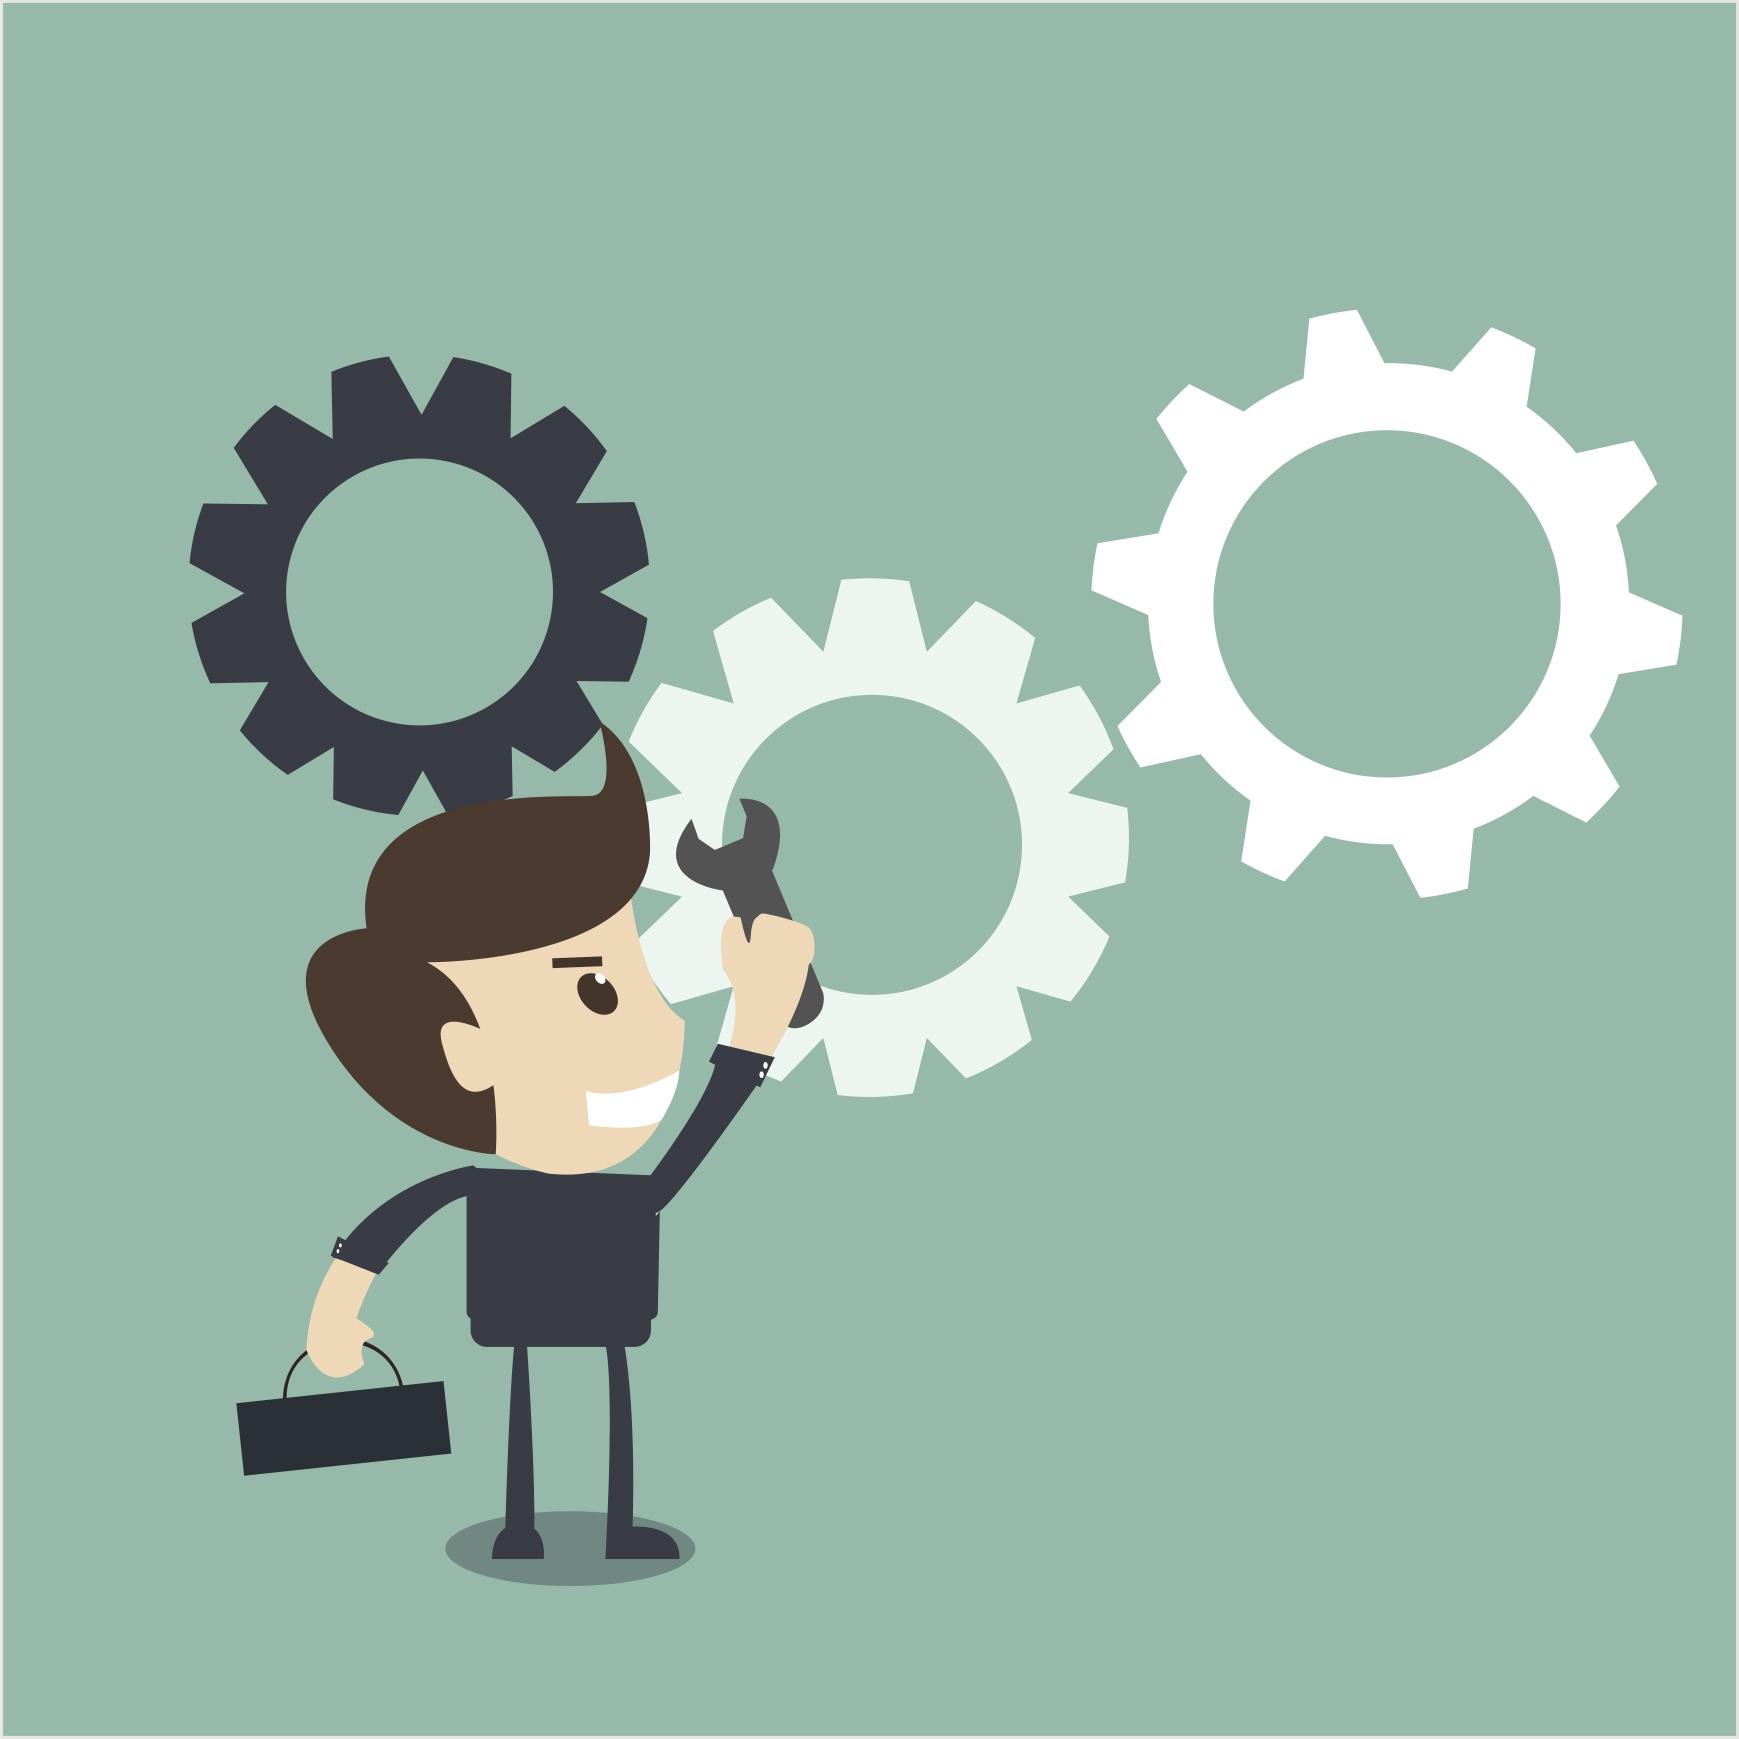 Skapa effektiva processer för ökat medarbetarengagemang och ökat affärsresultat